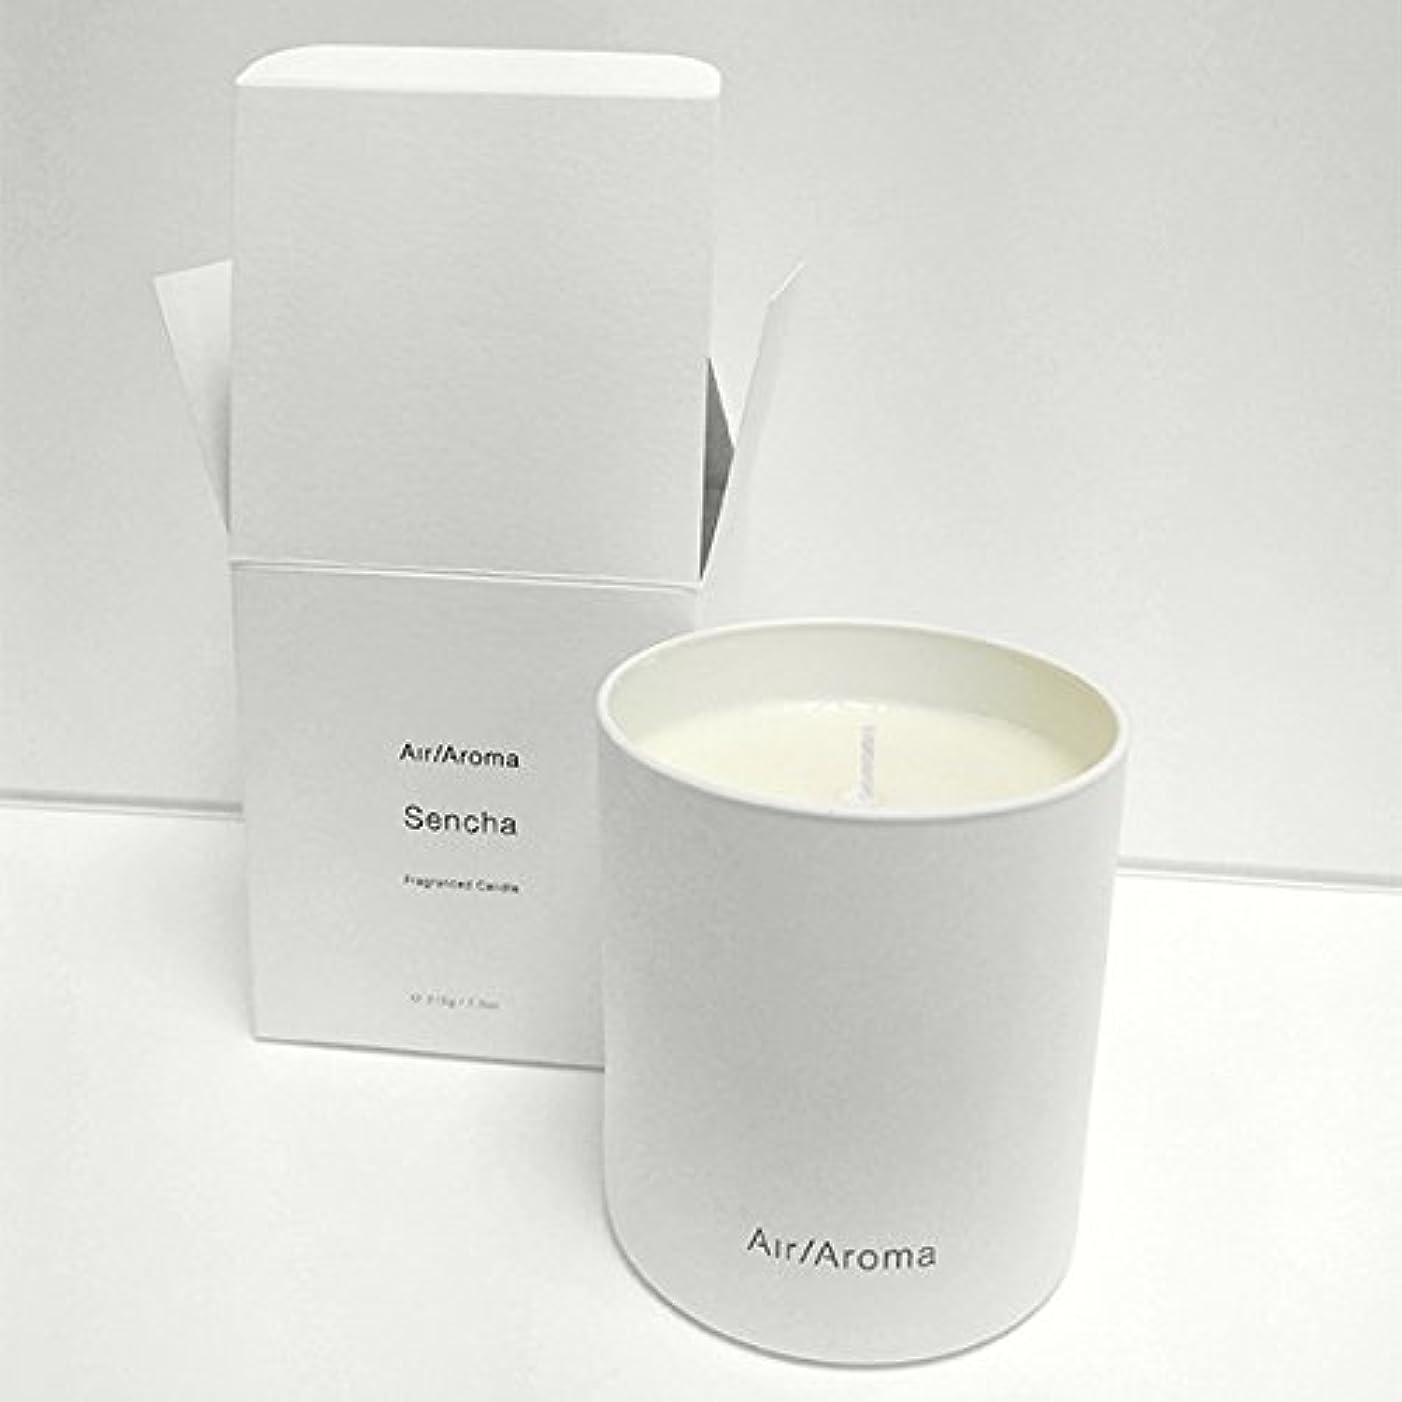 世界確立はさみsencha aroma candle (センチャアロマキャンドル)